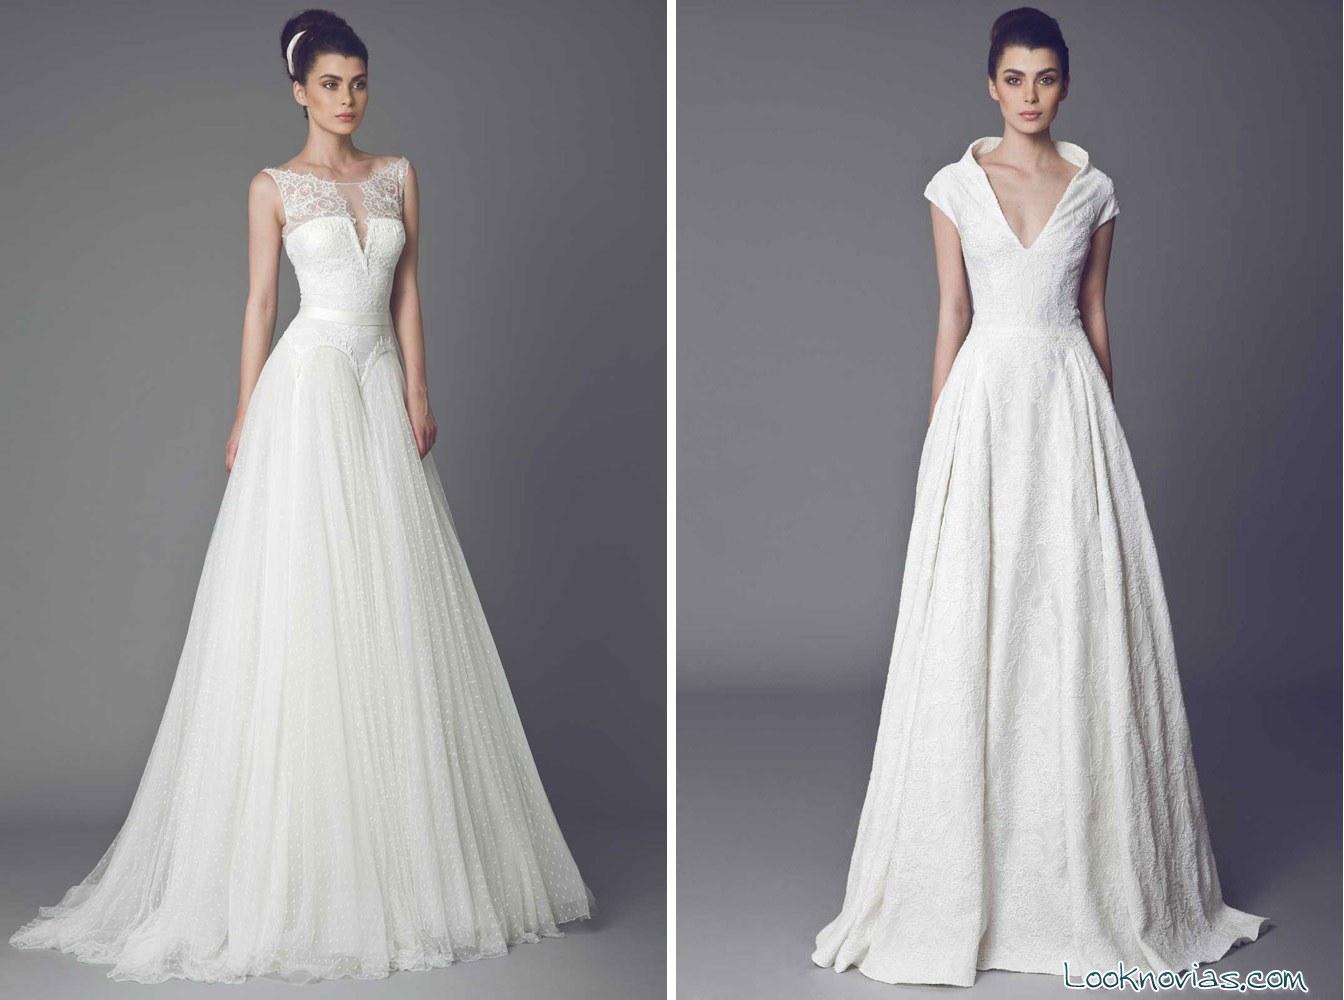 Escotes de novia originales